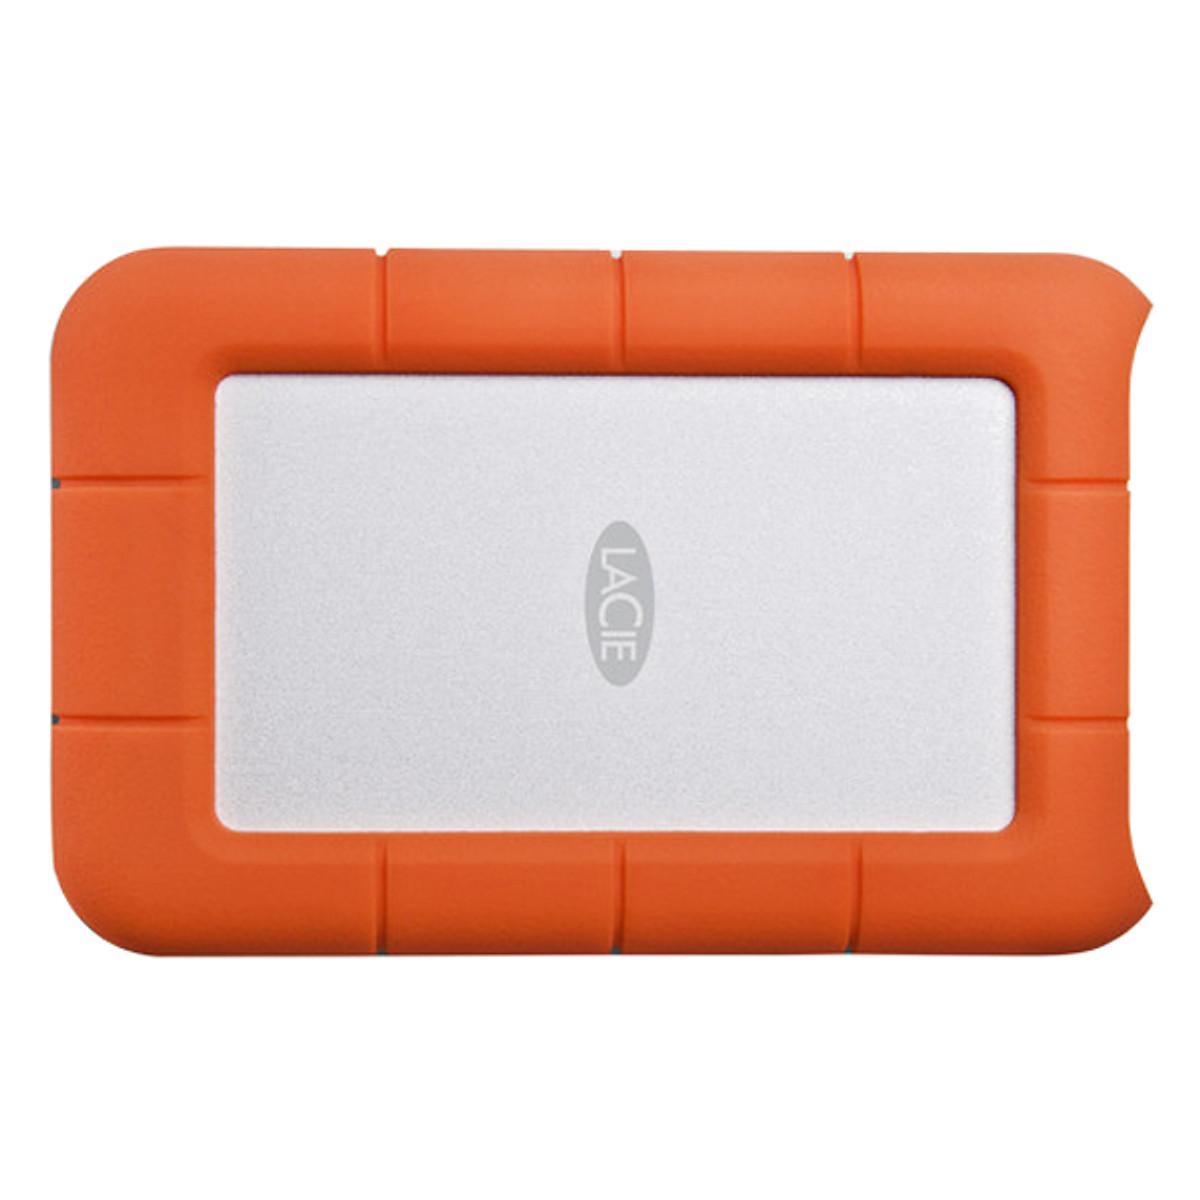 Ổ Cứng Di Động Mini Lacie LAC9000633 4TB USB 3.0 – Hàng Chính Hãng